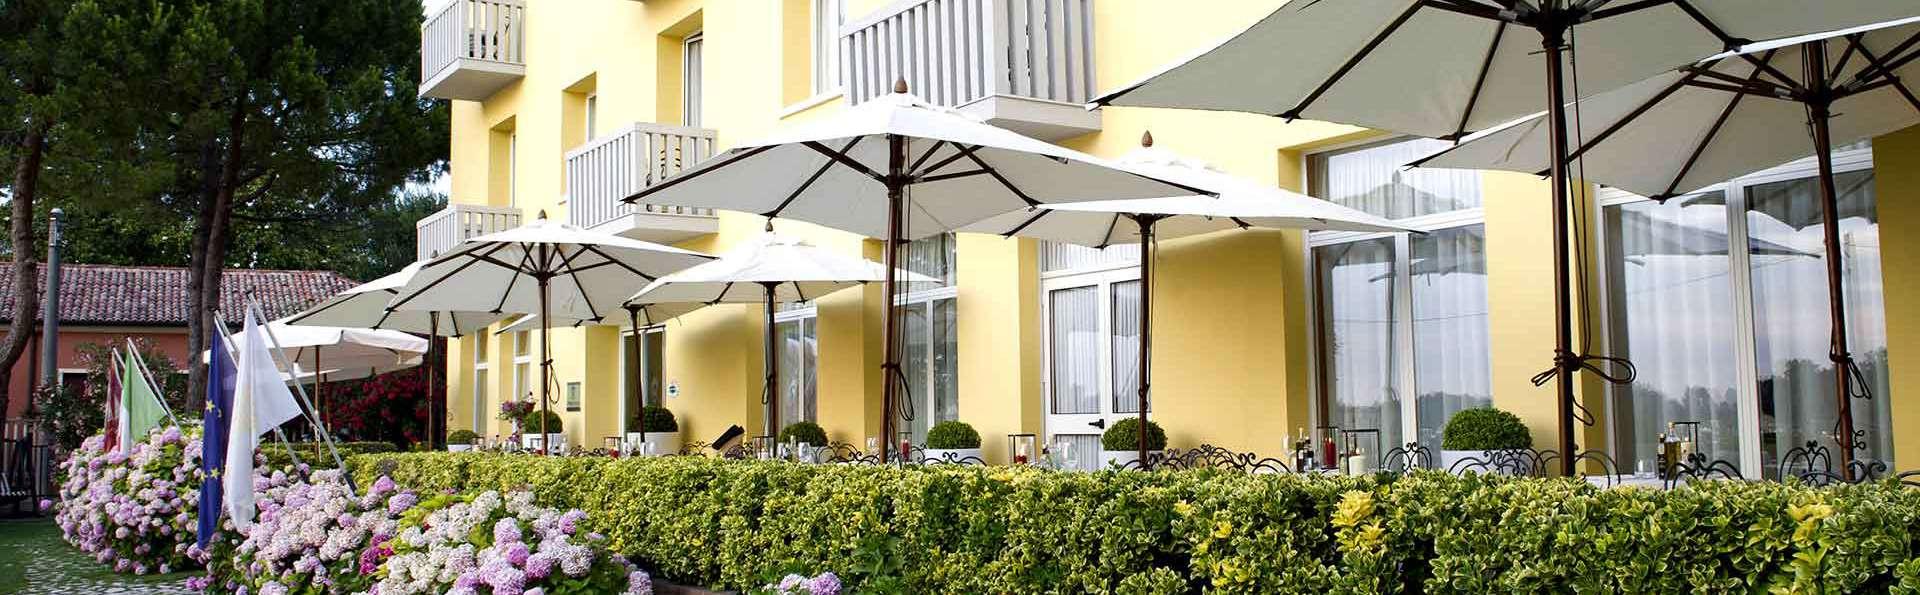 Exclusivo hotel Superior de 4* en Lido di Venezia